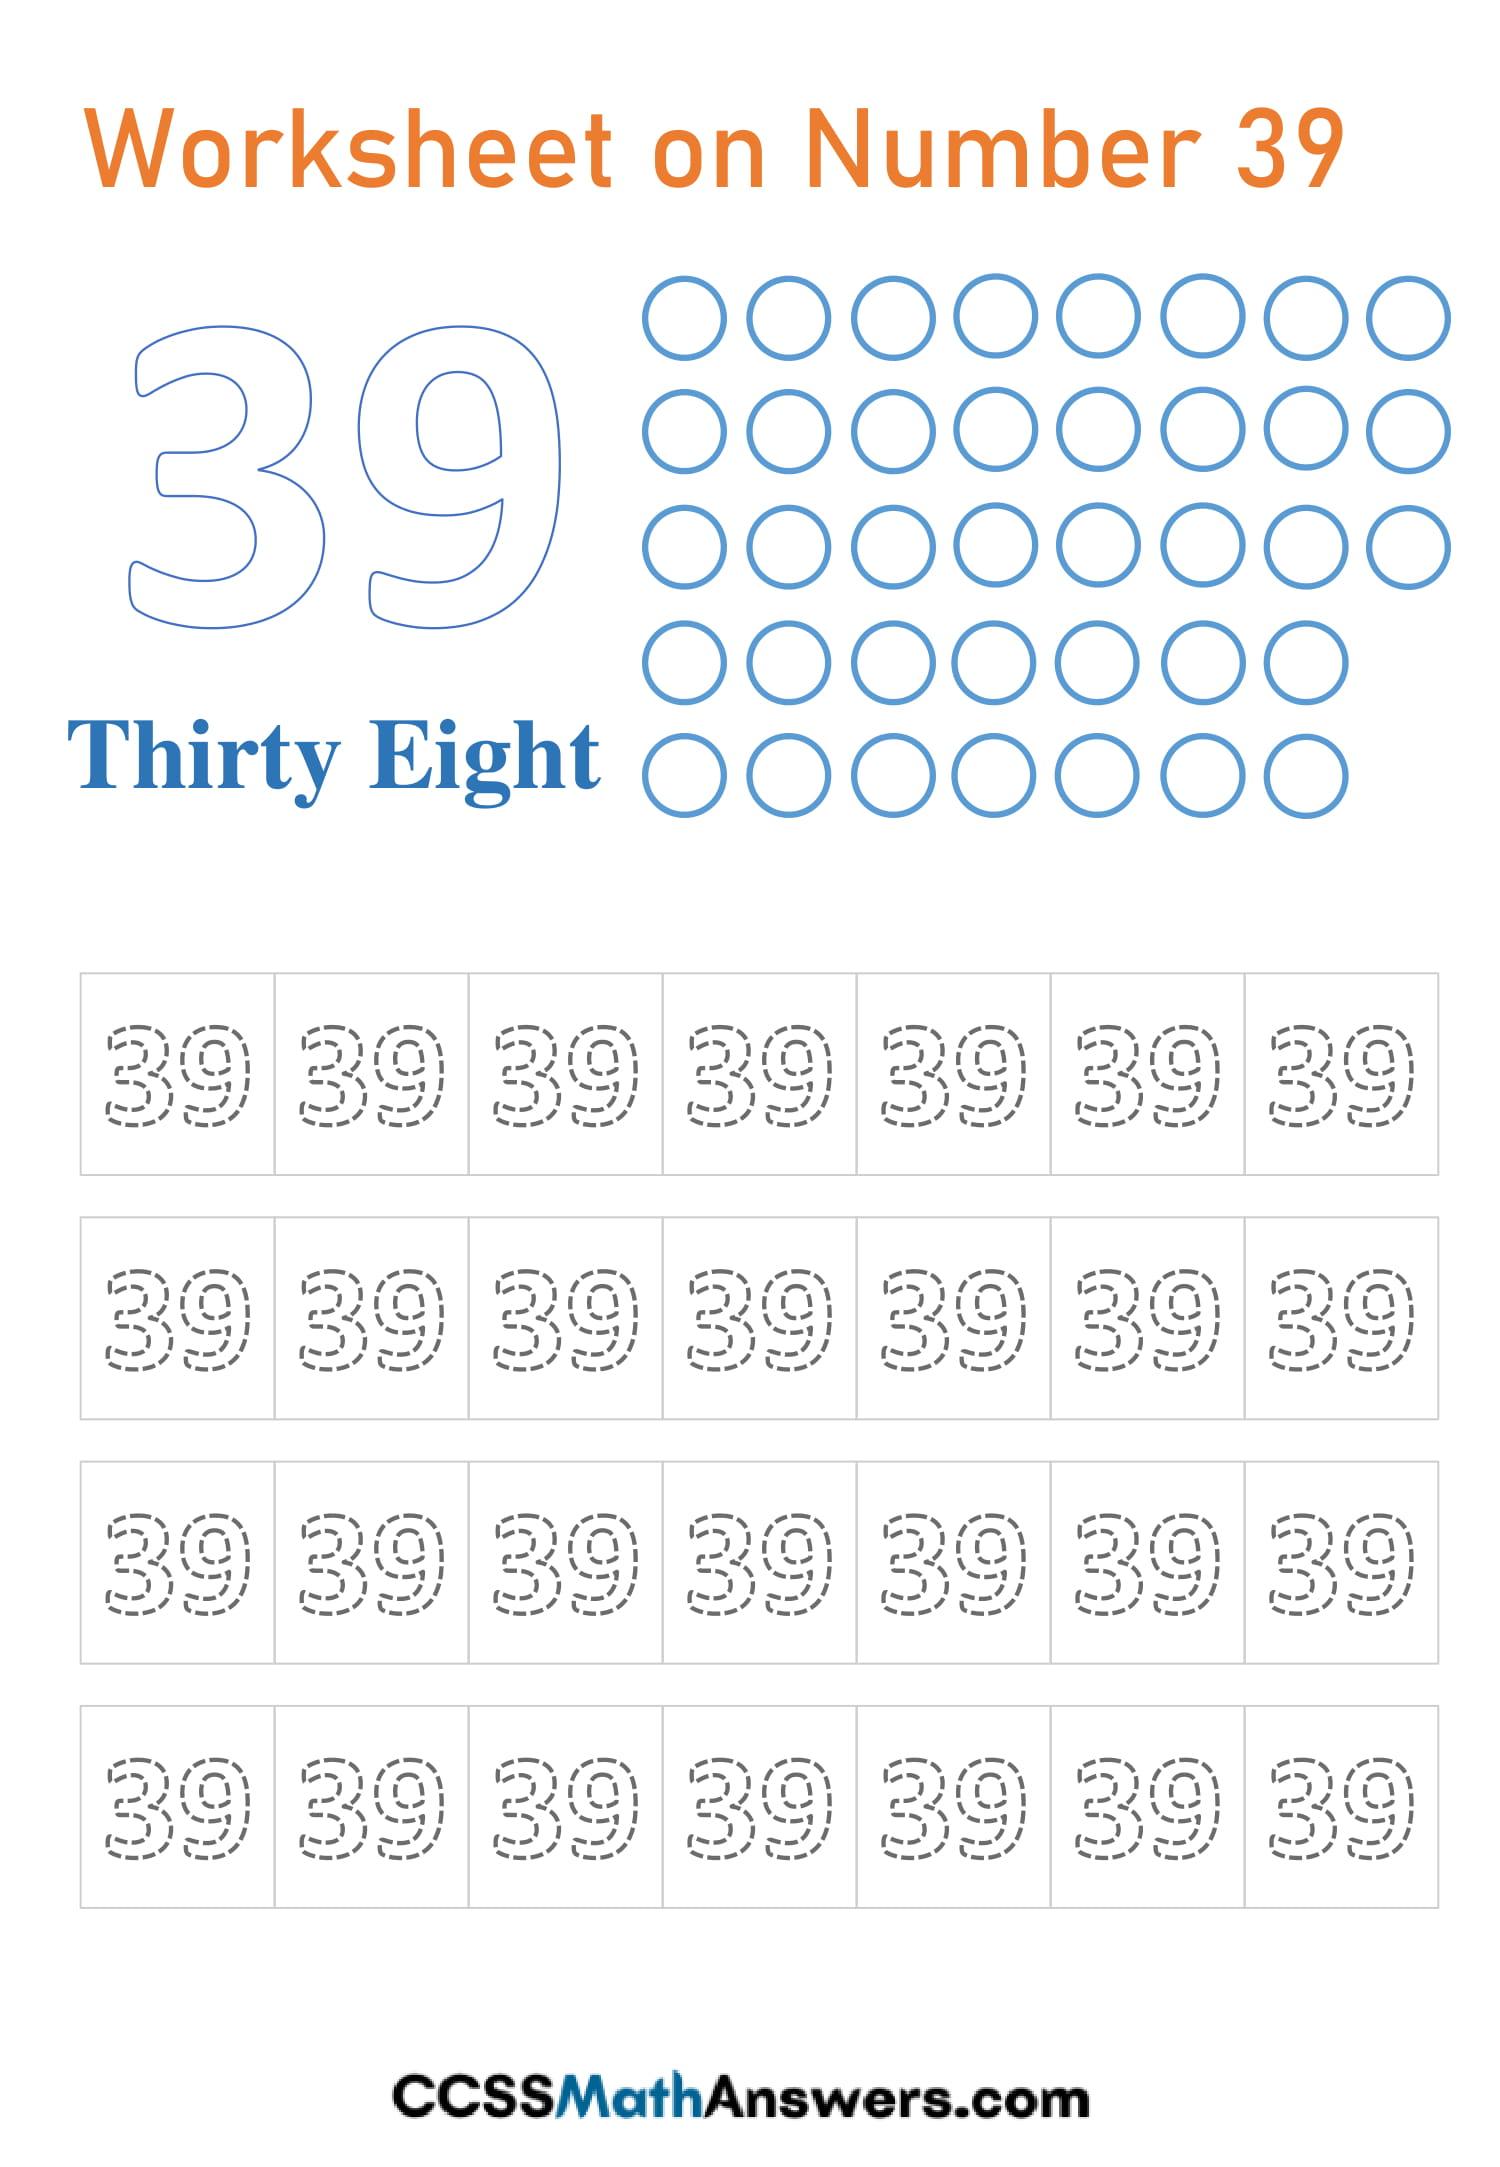 Number 39 Worksheet